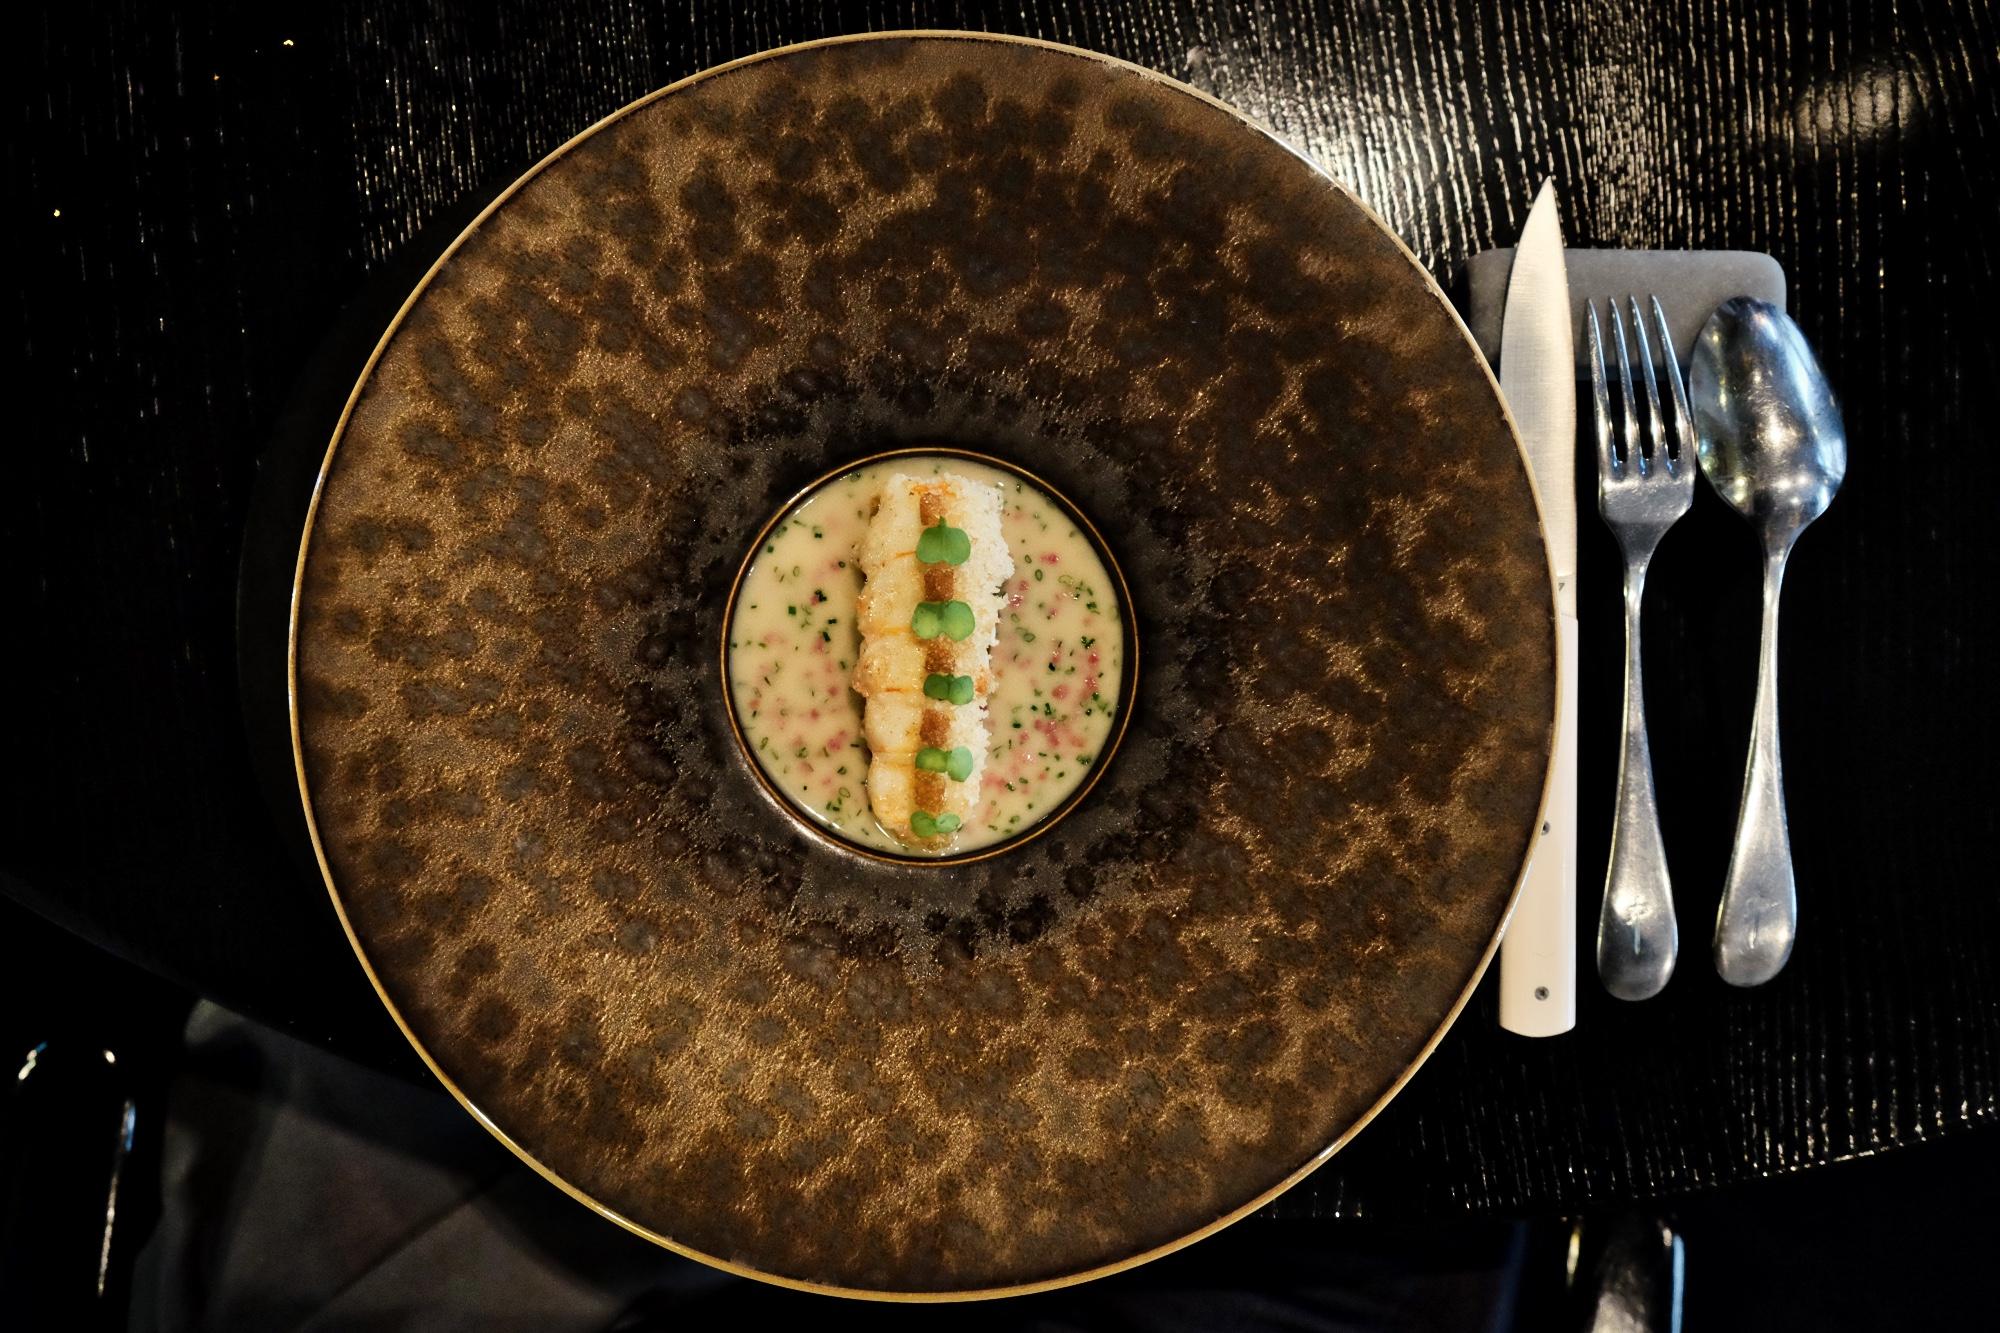 dscf8271_filippou_vienna_michelin_austria_restaurant_vilagevo_jokuti_andras_l.jpeg